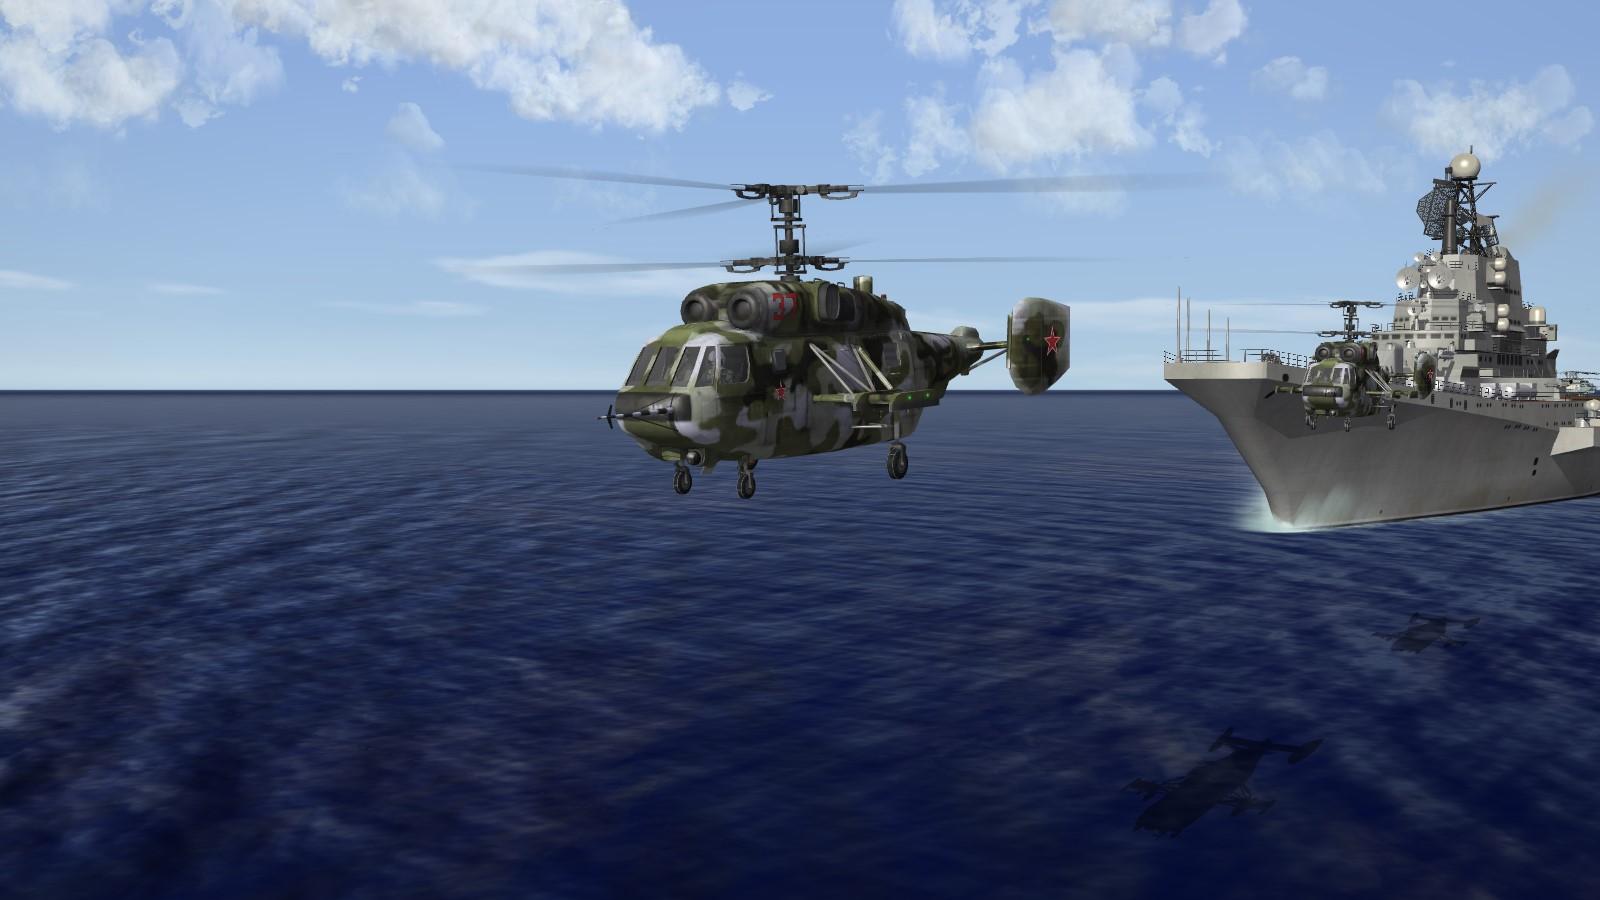 Ka-29 Helix-B